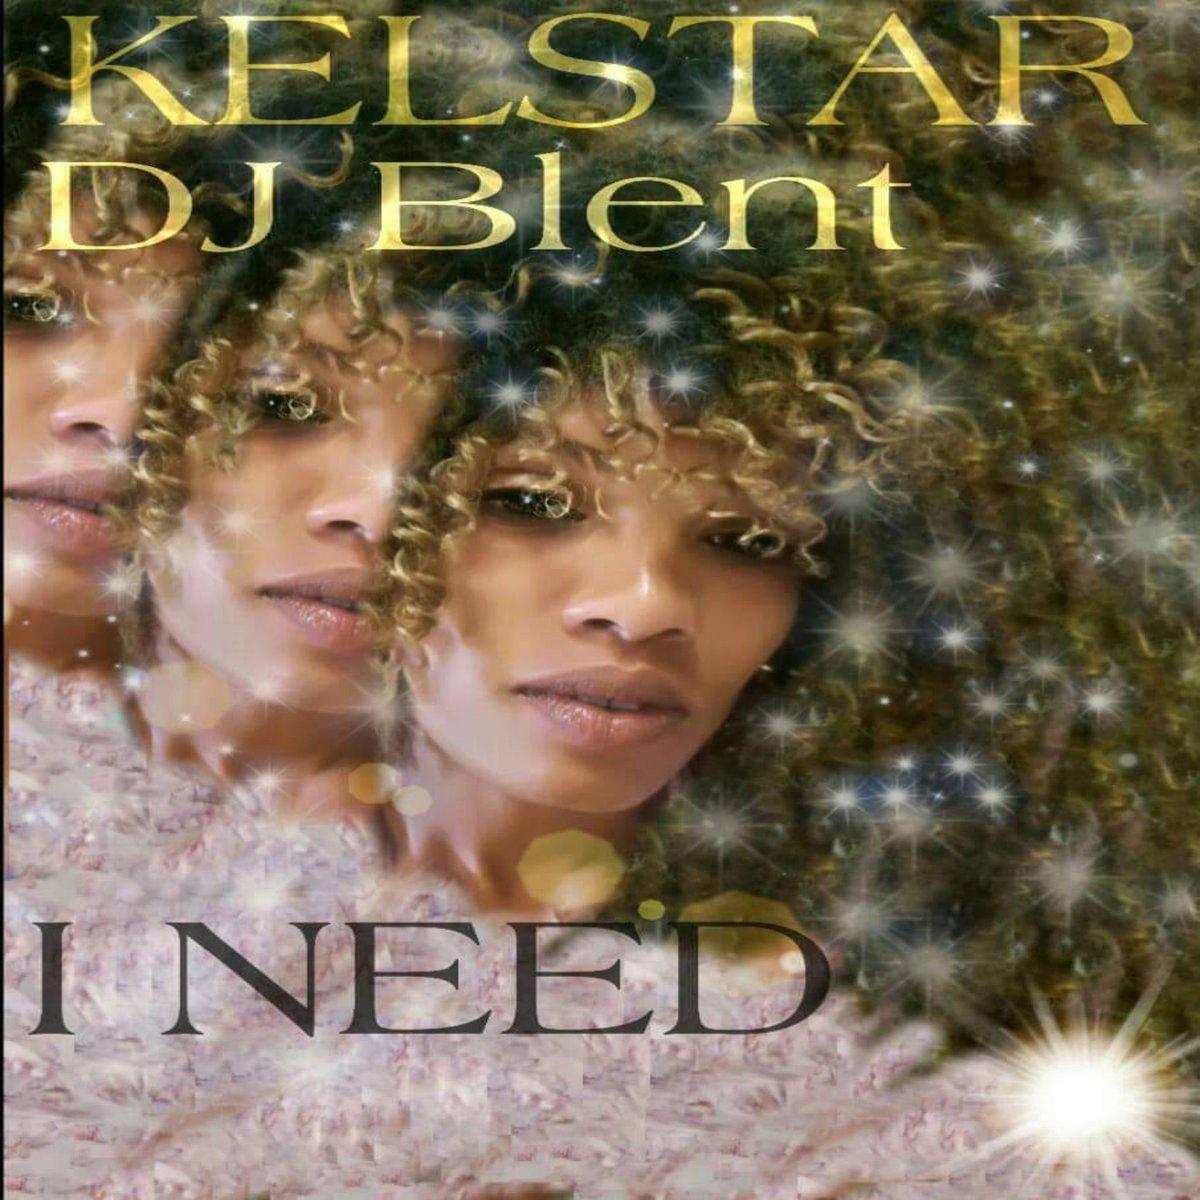 My upcoming single Dj Blent ft KELSTAR - I Need  Available on all online music stores 4th November 2020  #KELSTAR #housemusic #NewMusicAlert #NewMusic2020 #SouthAfrica #remix2020 #clubmusic #worldwide https://t.co/ZQX6bkvGHv